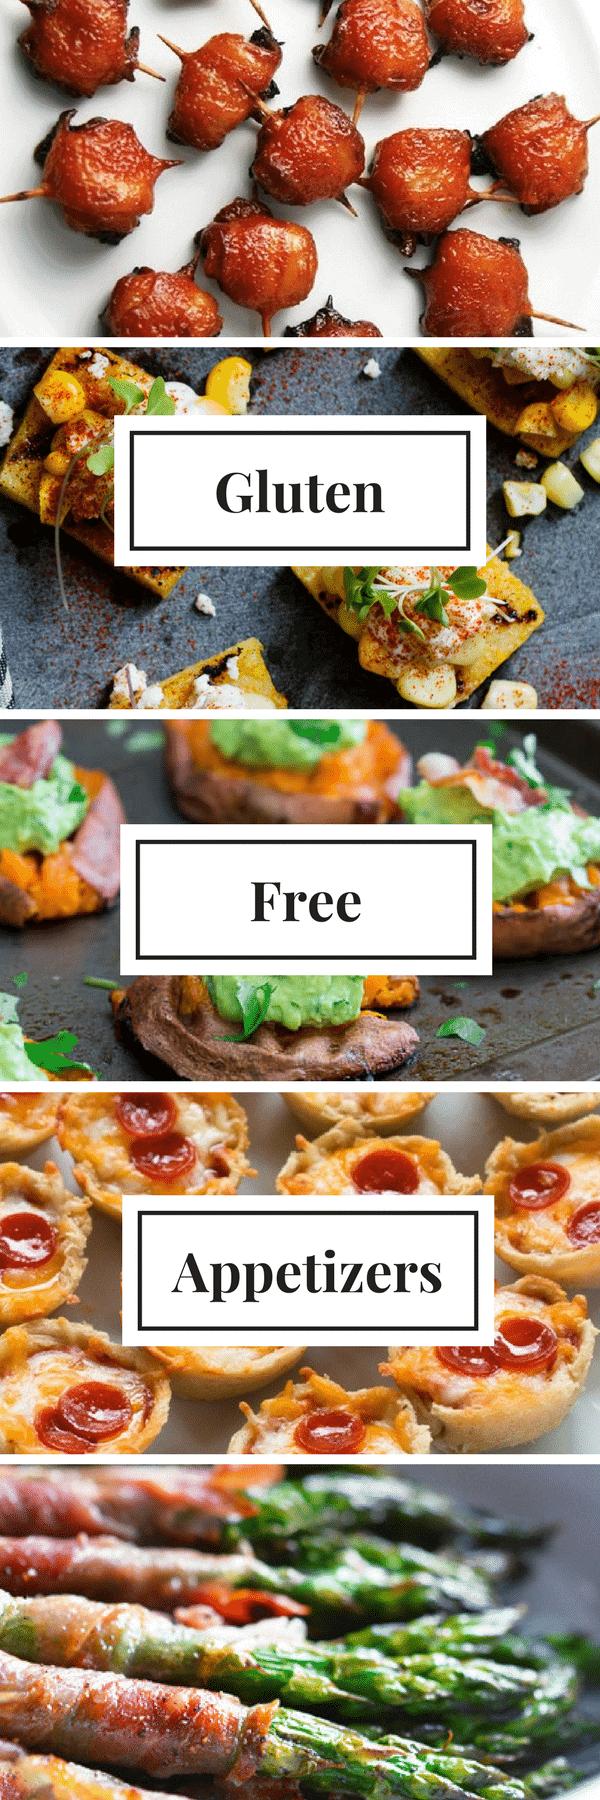 Gluten Free Appetizers | Party-Ready Ideas, Gluten Free Recipes